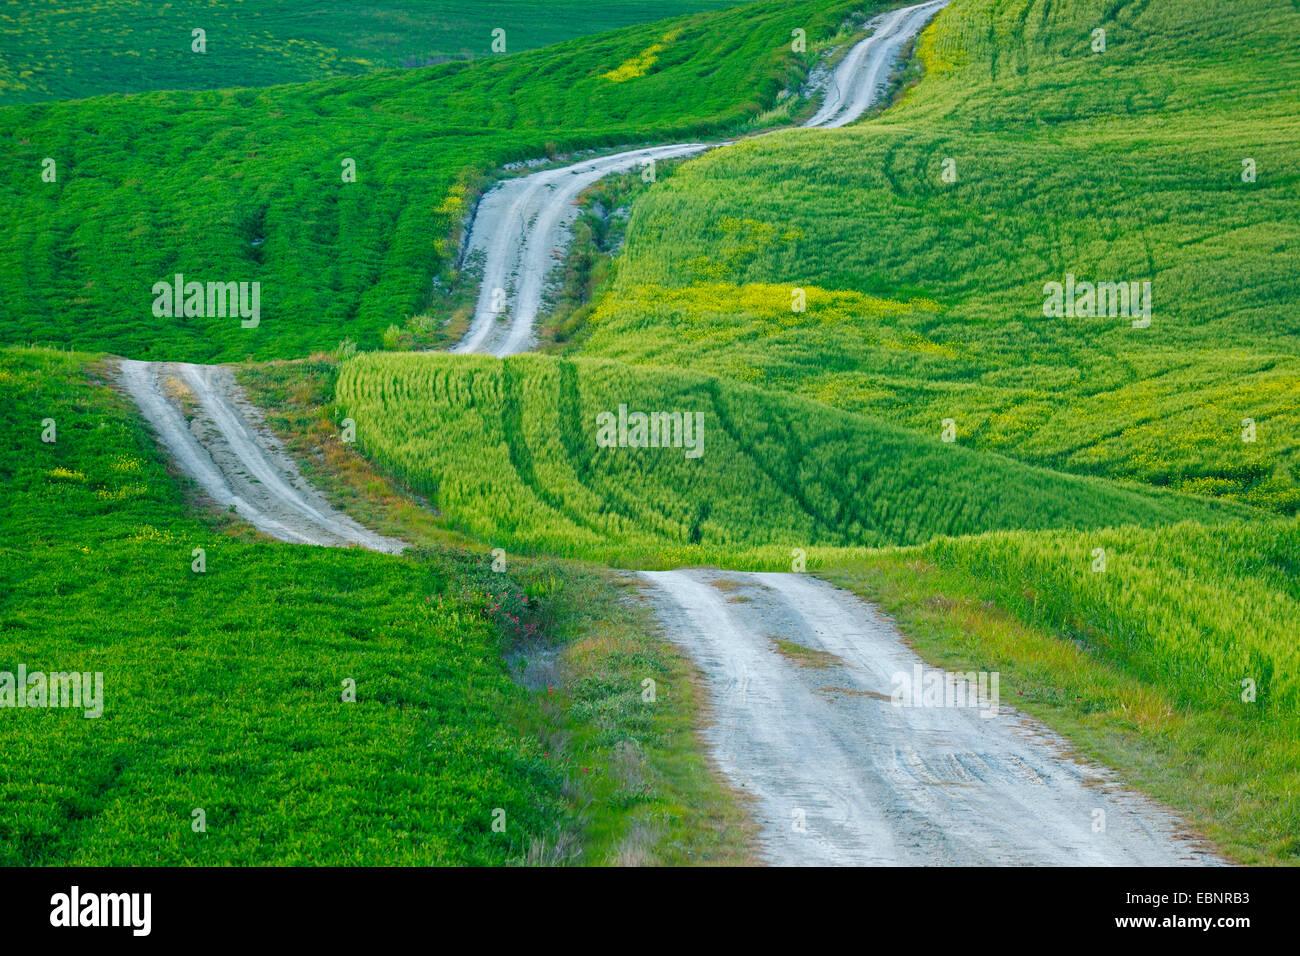 Feldweg Trog hügeligen und grünen Bereich Landschaft, Italien, Toskana, Val d Orcia, San Quirico d Orcia Stockbild